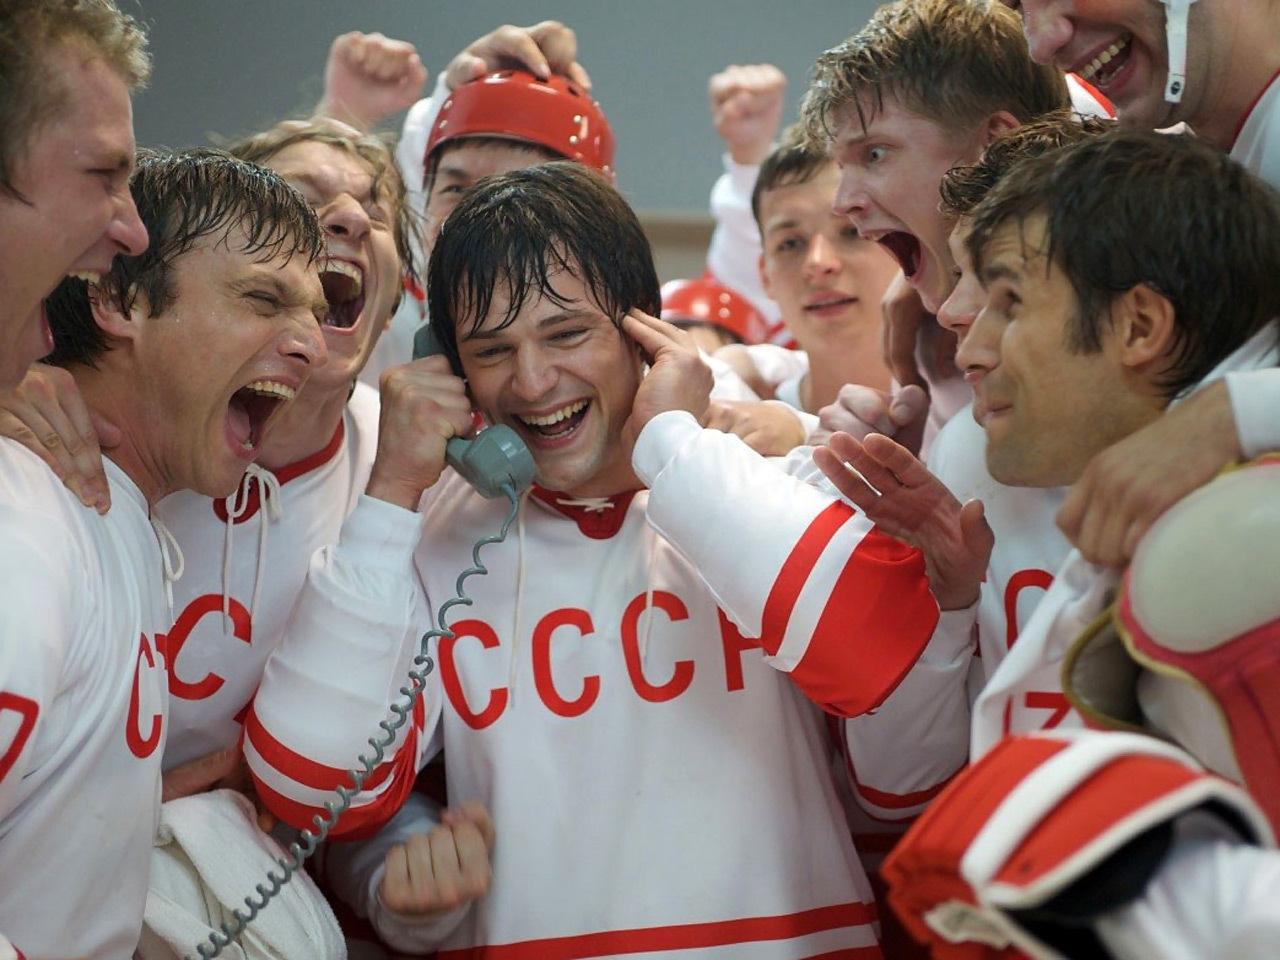 Фильм легенда №17 (2012) скачать торрент в хорошем качестве hd.